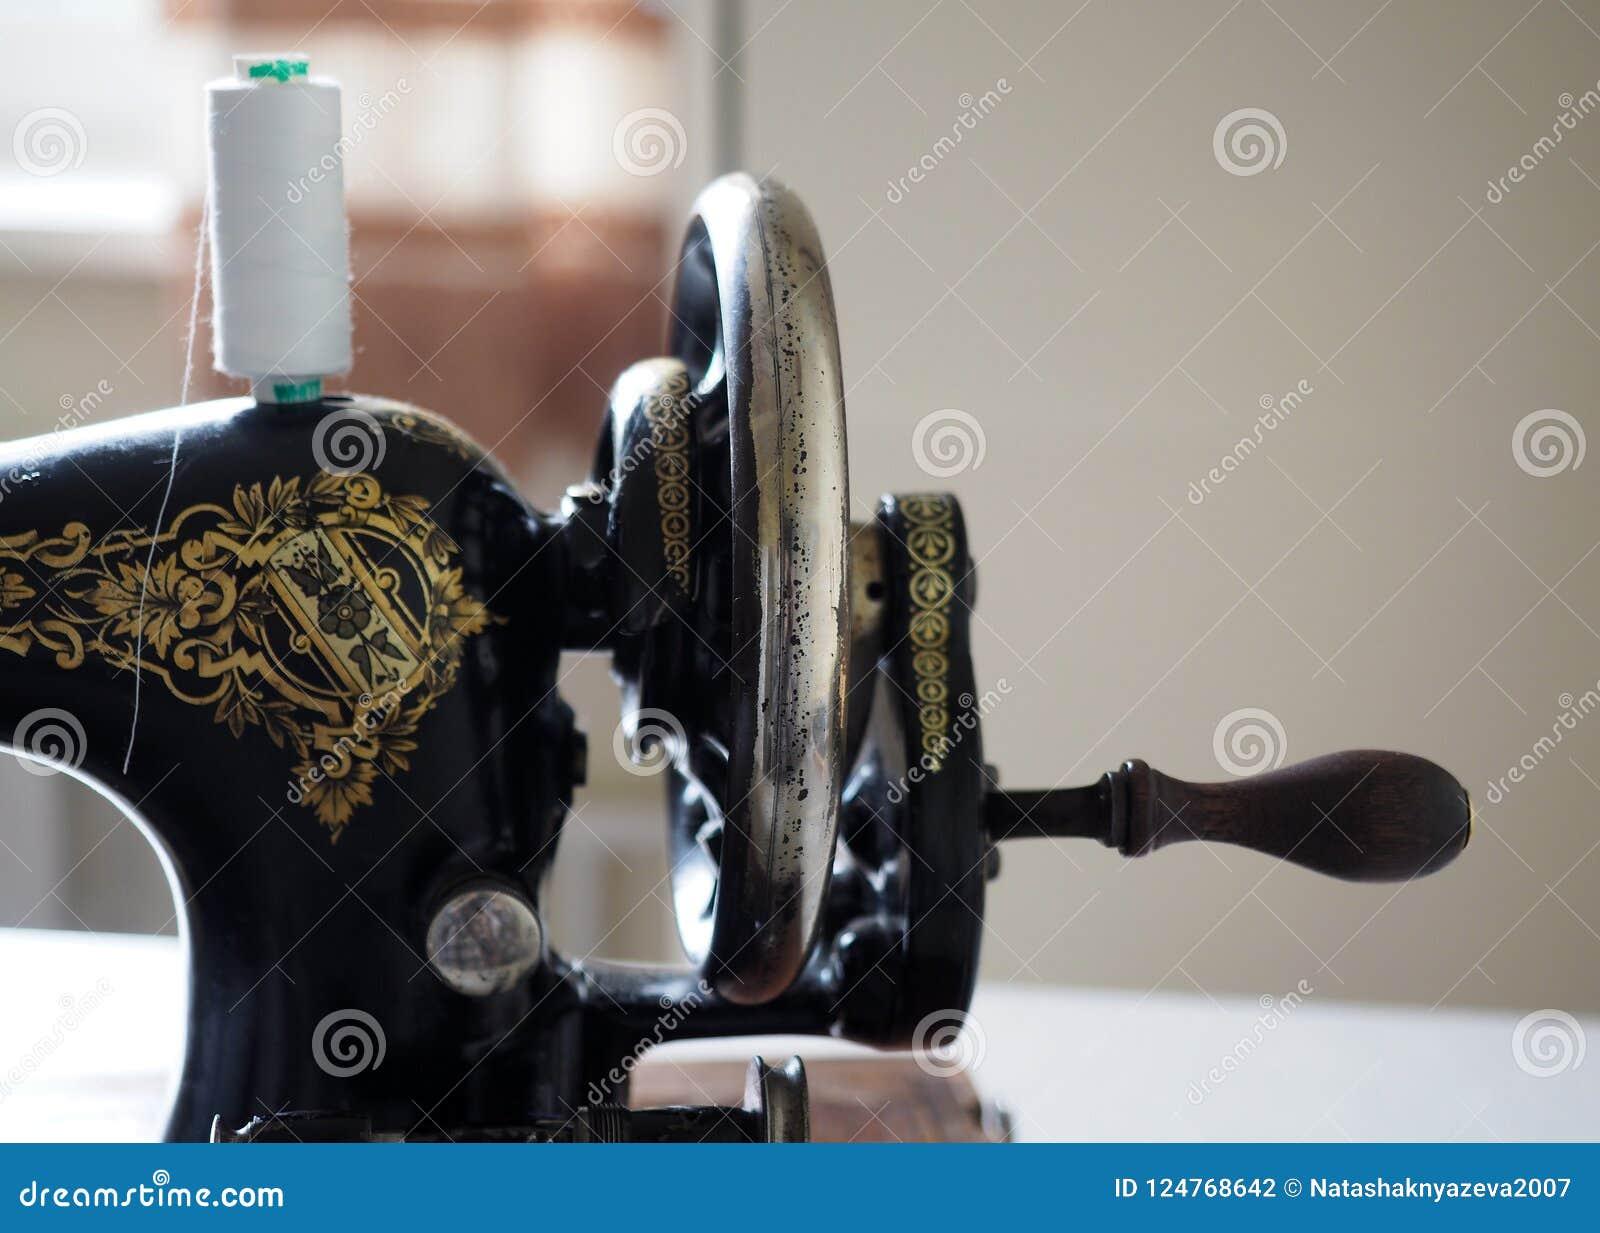 The flywheel of old vintage manual sewing machine